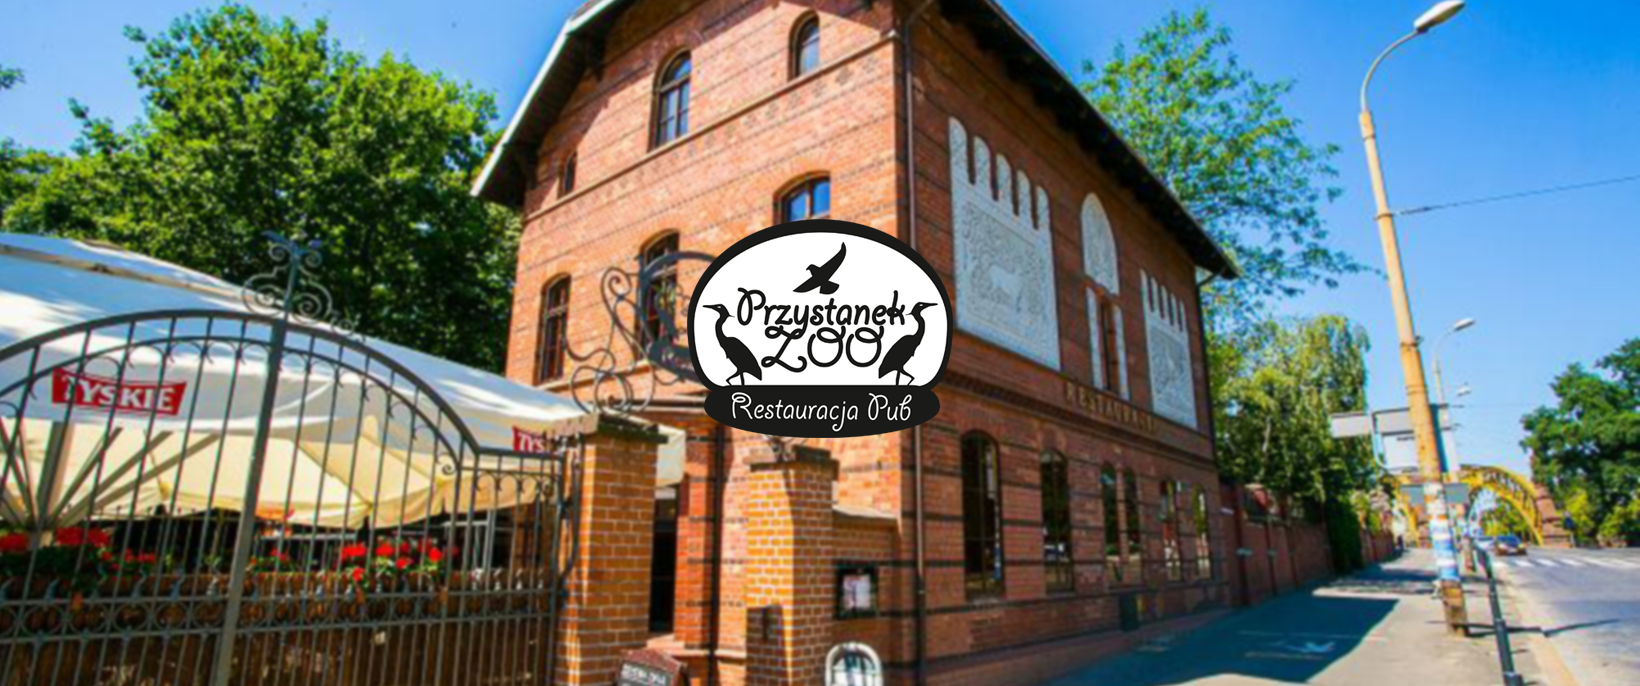 restauracja Wrocław zoo